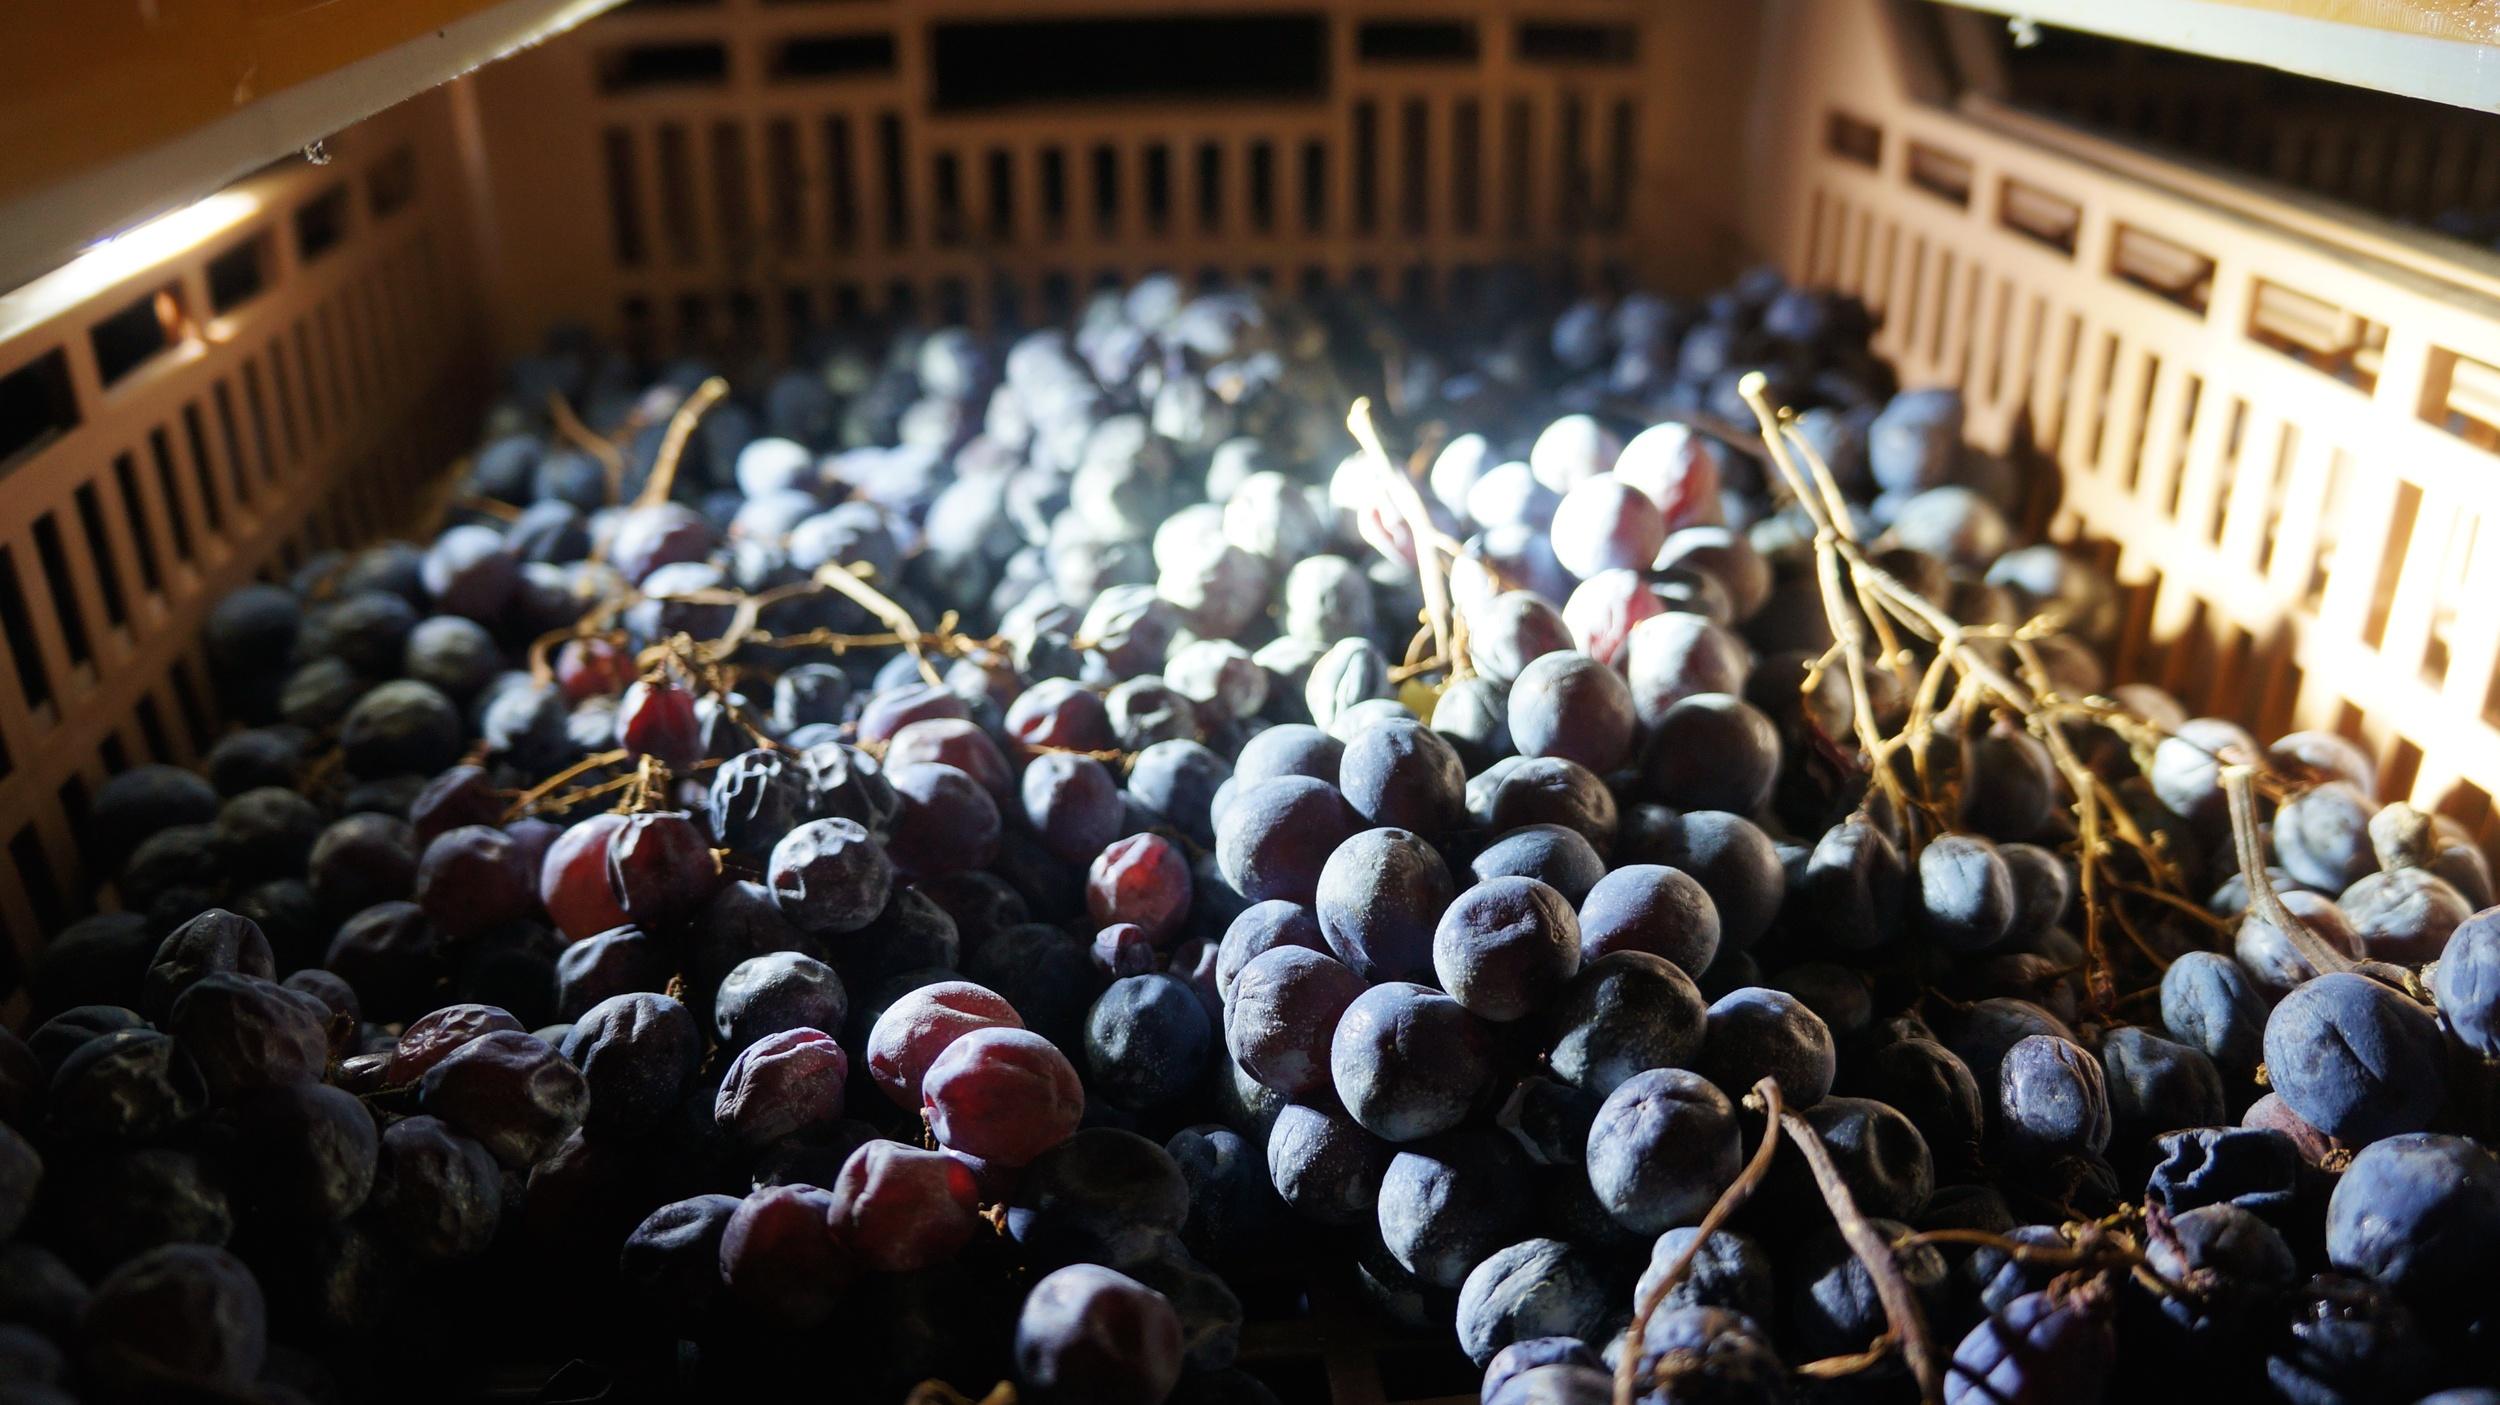 Valpolicella grapes